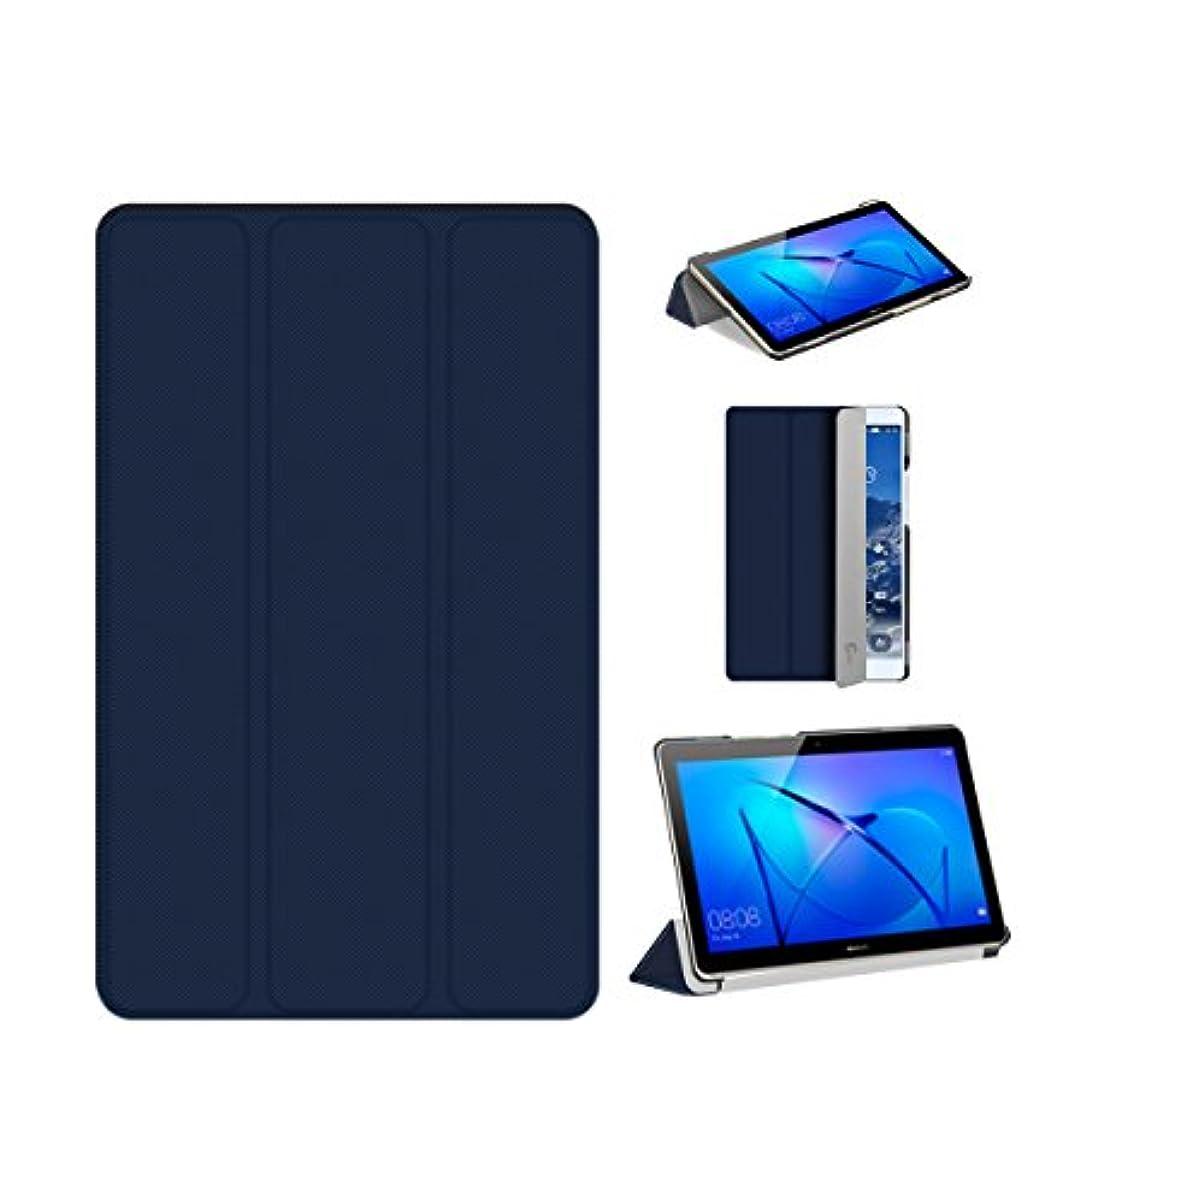 子羊受取人灰ファーウェ 8型 Huawei Mediapad T3 ケース TopACE 超薄型 スマートケース スタンド機能付き 高級PU レザーケース Huawei Mediapad T3 8 インチ対応 (ブルー)